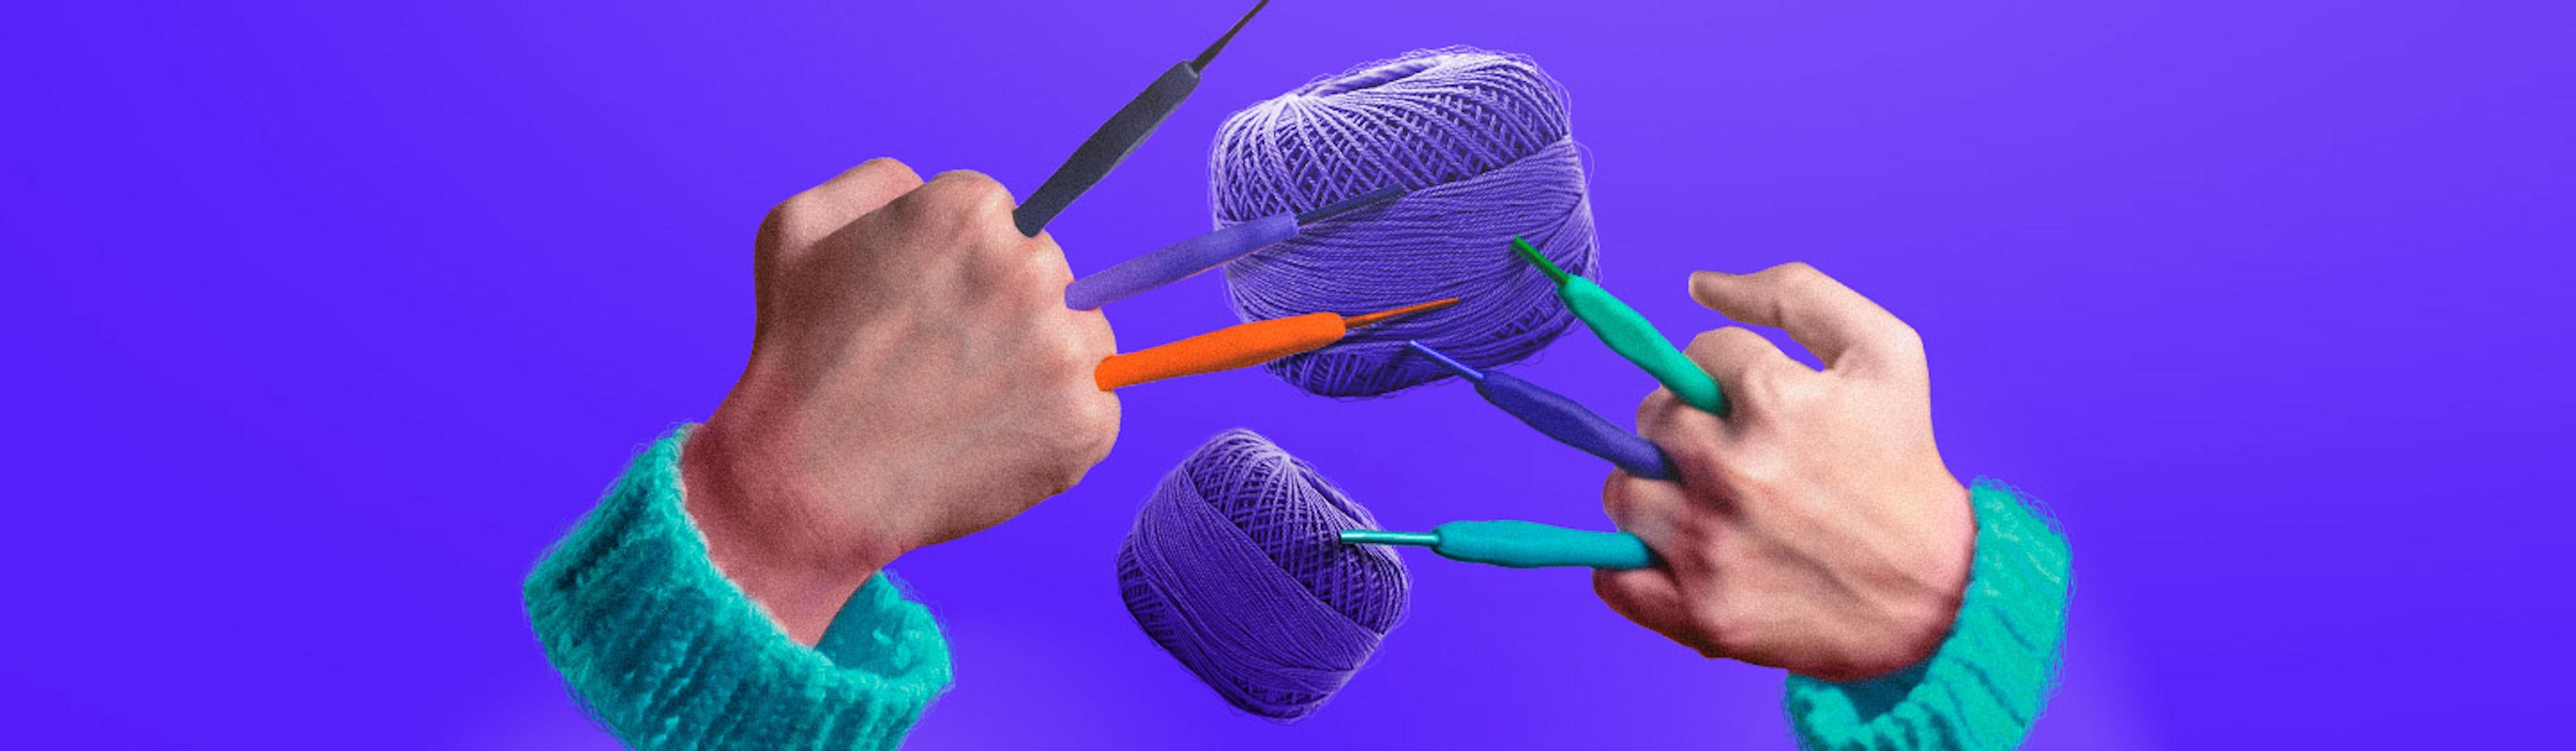 ¿Agujas para crochet? Conócelas y teje tu primer emprendimiento